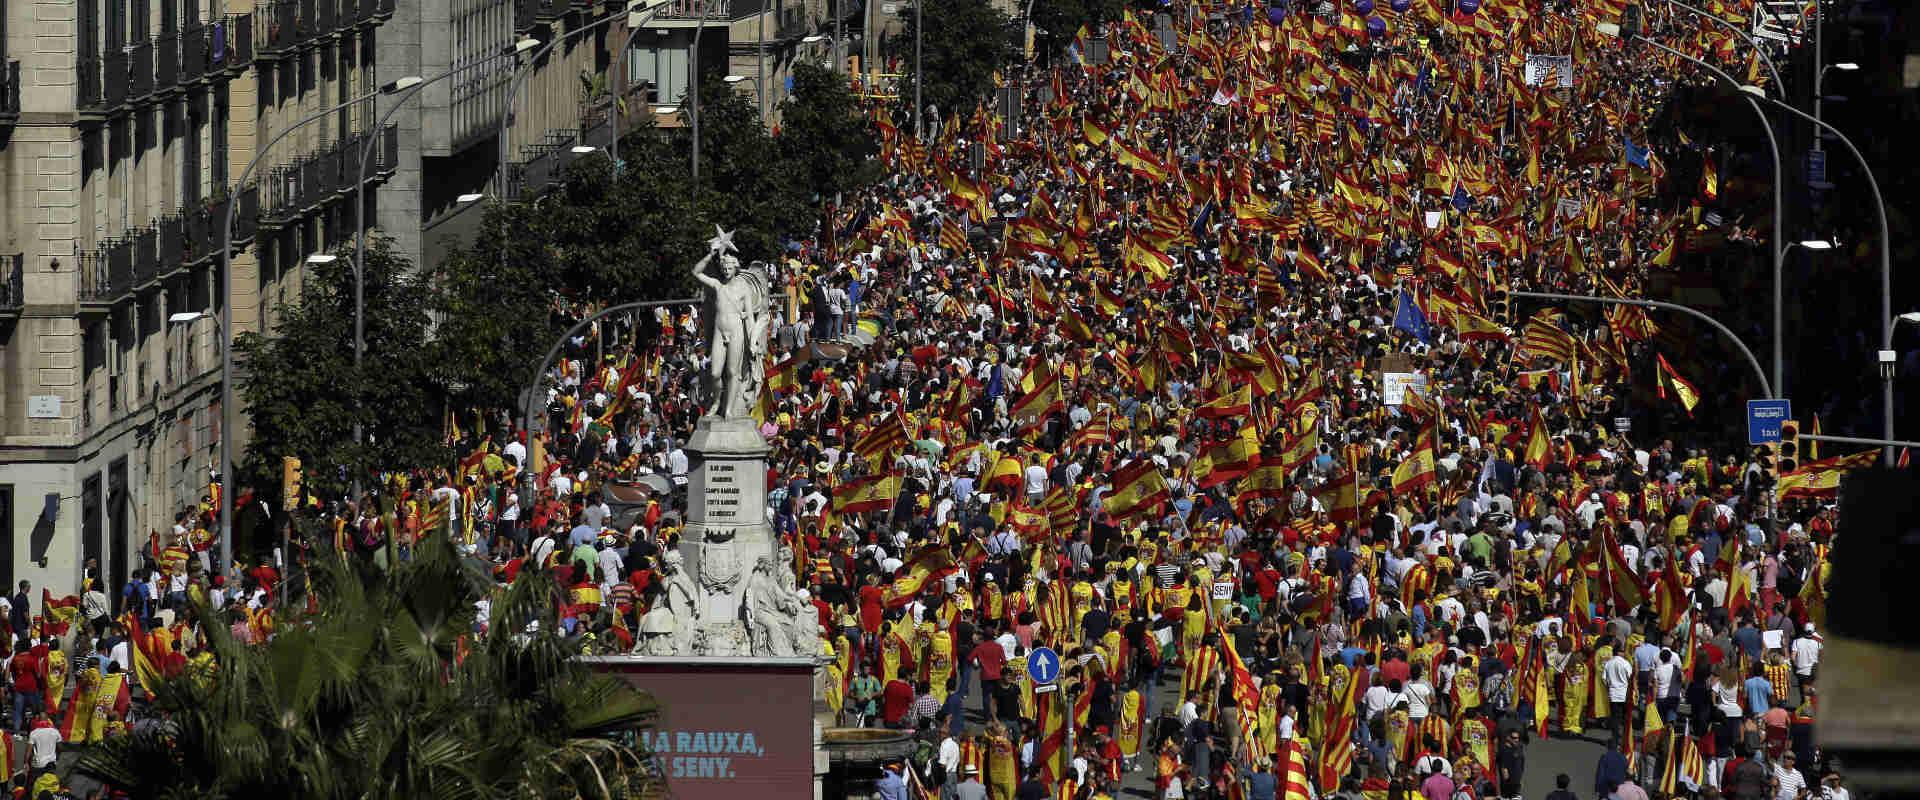 ההפגנה של מתנגדי העצמאות במרכז ברצלונה